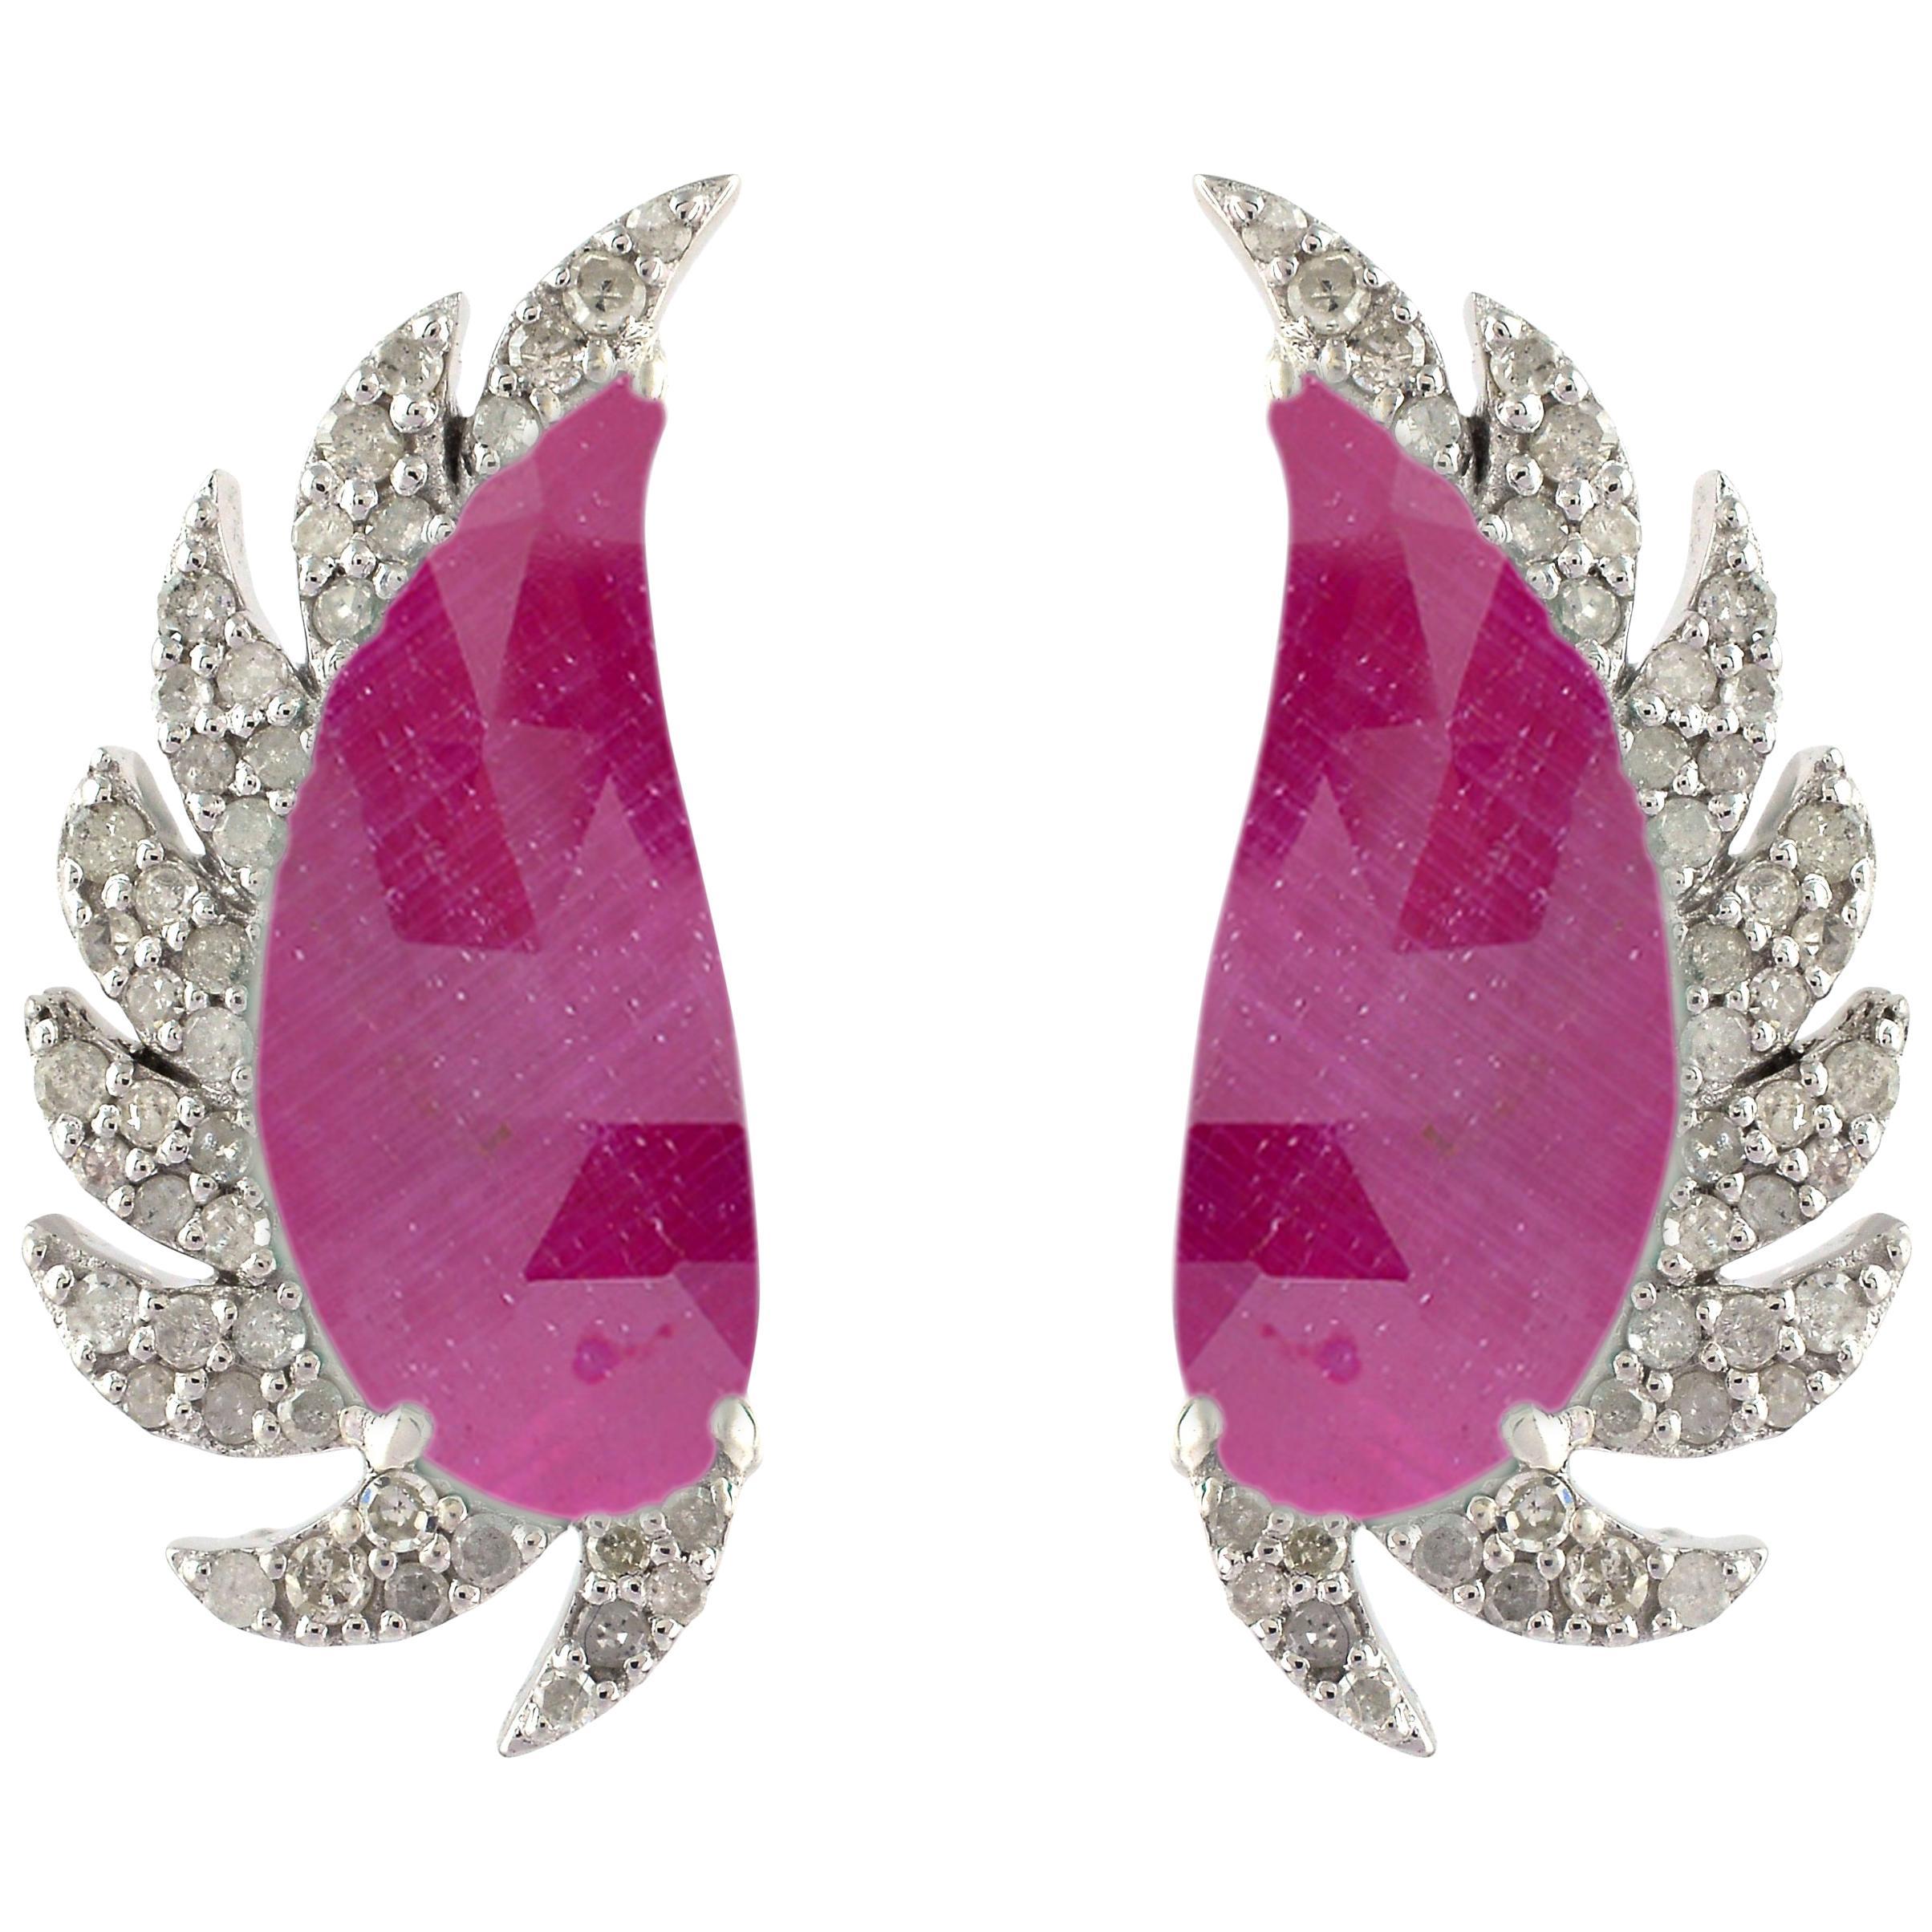 Ruby Diamond Meghna Jewels Claw Half Moon Studs